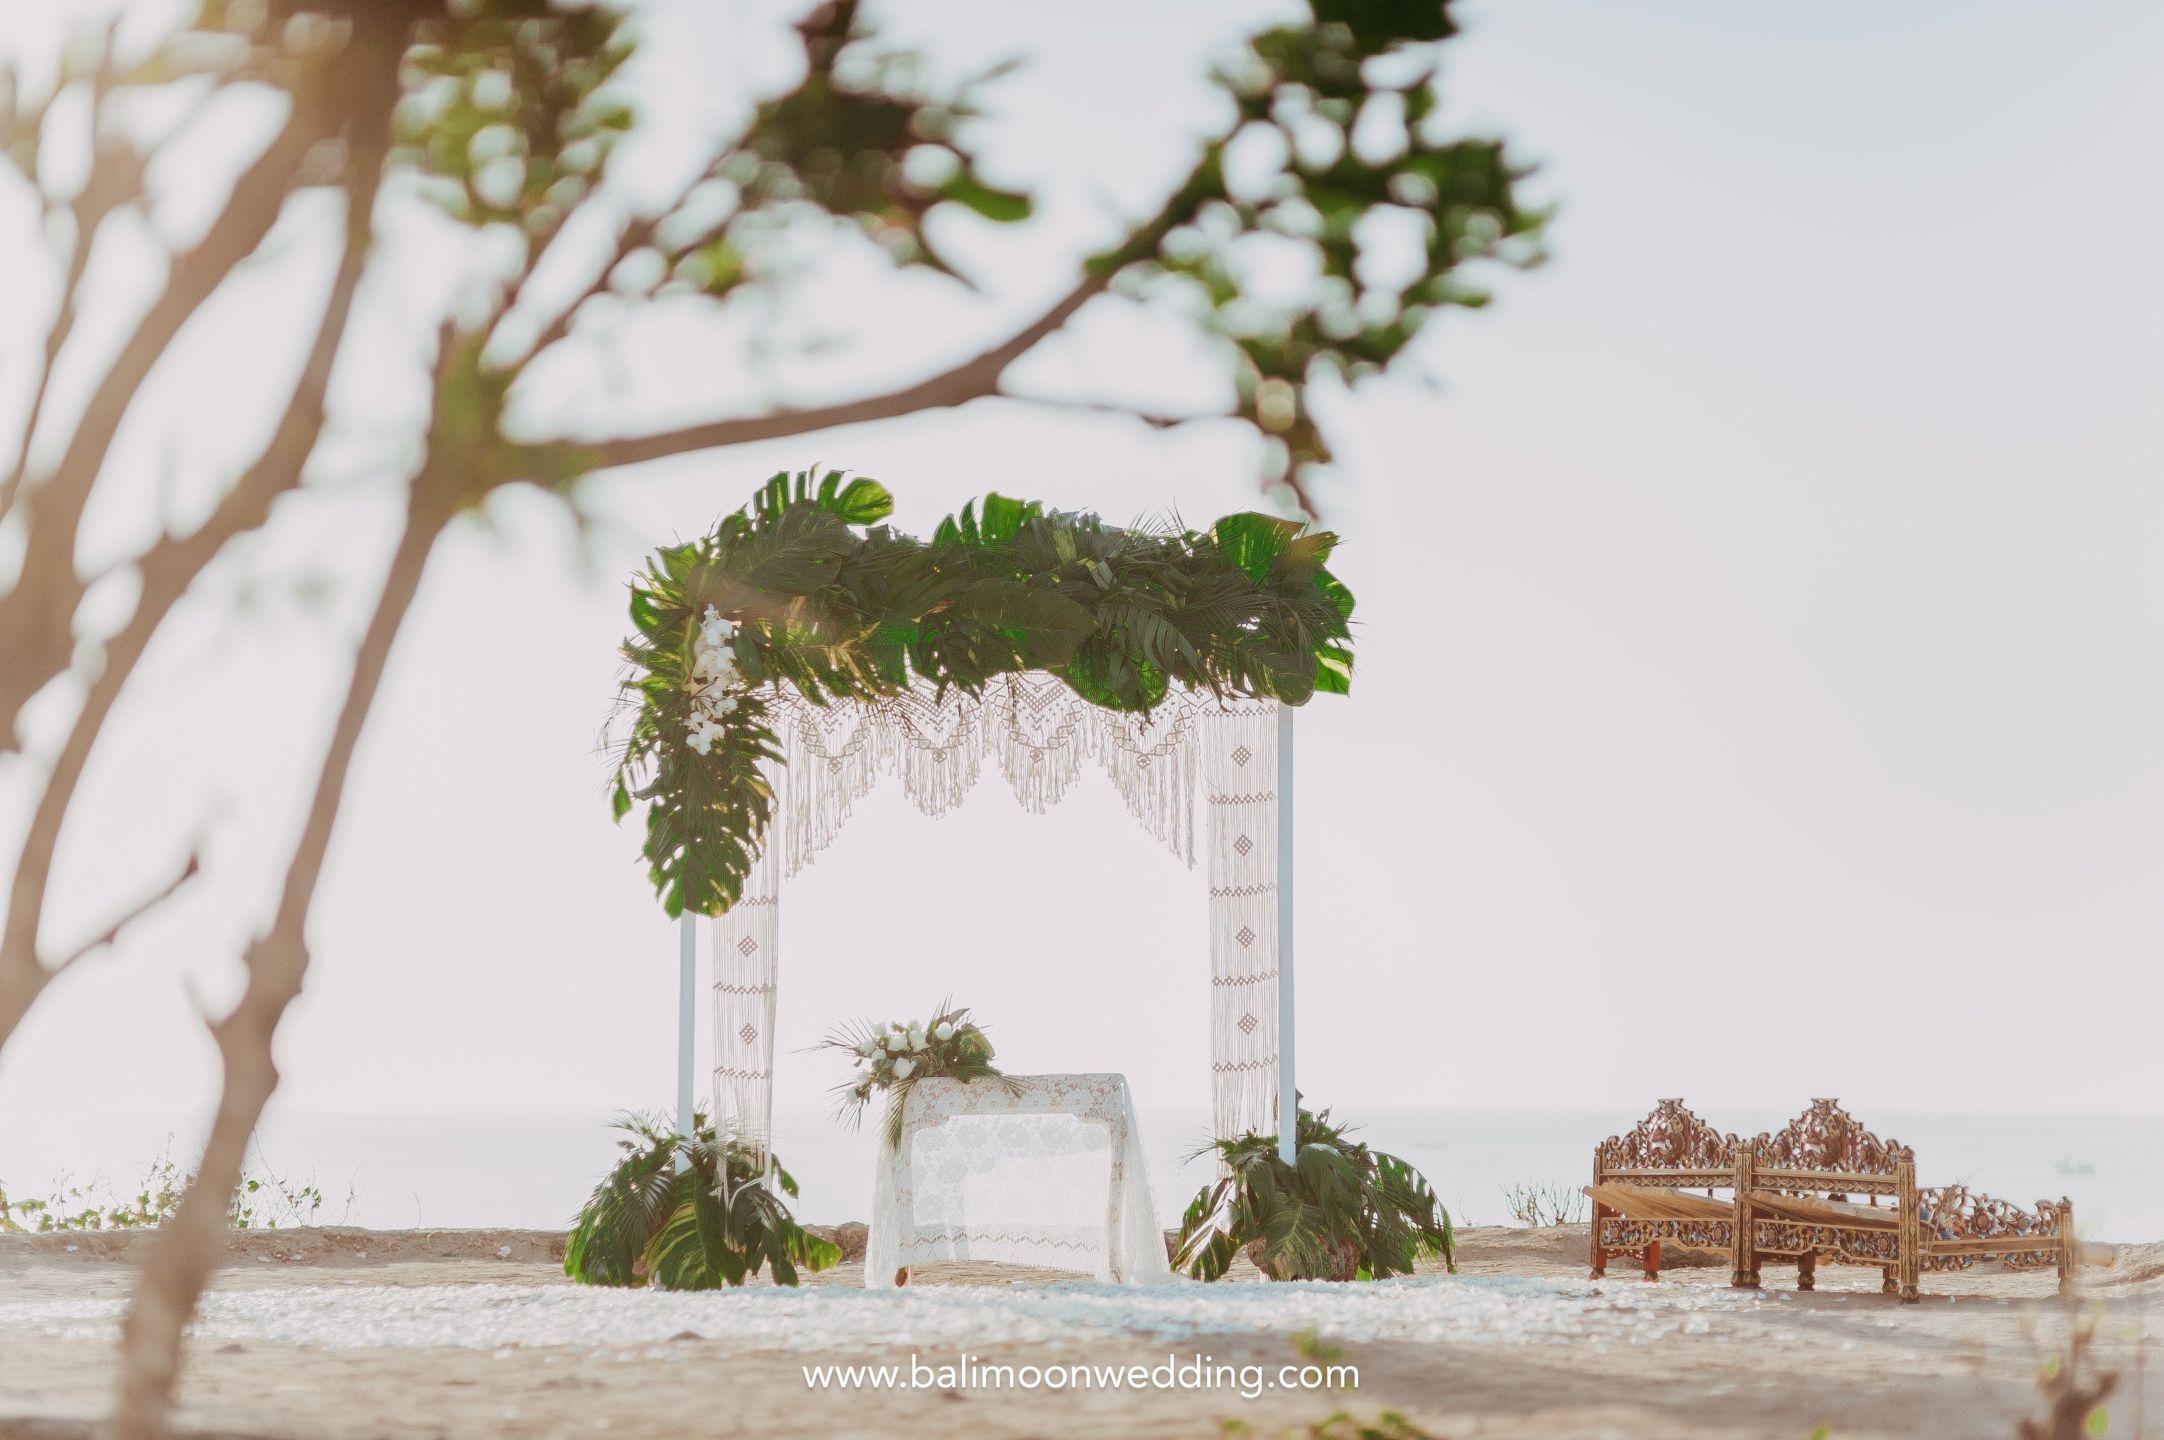 Bali Moon Wedding - Bali Cliff Wedding - Bali Wedding - Bali Elopement